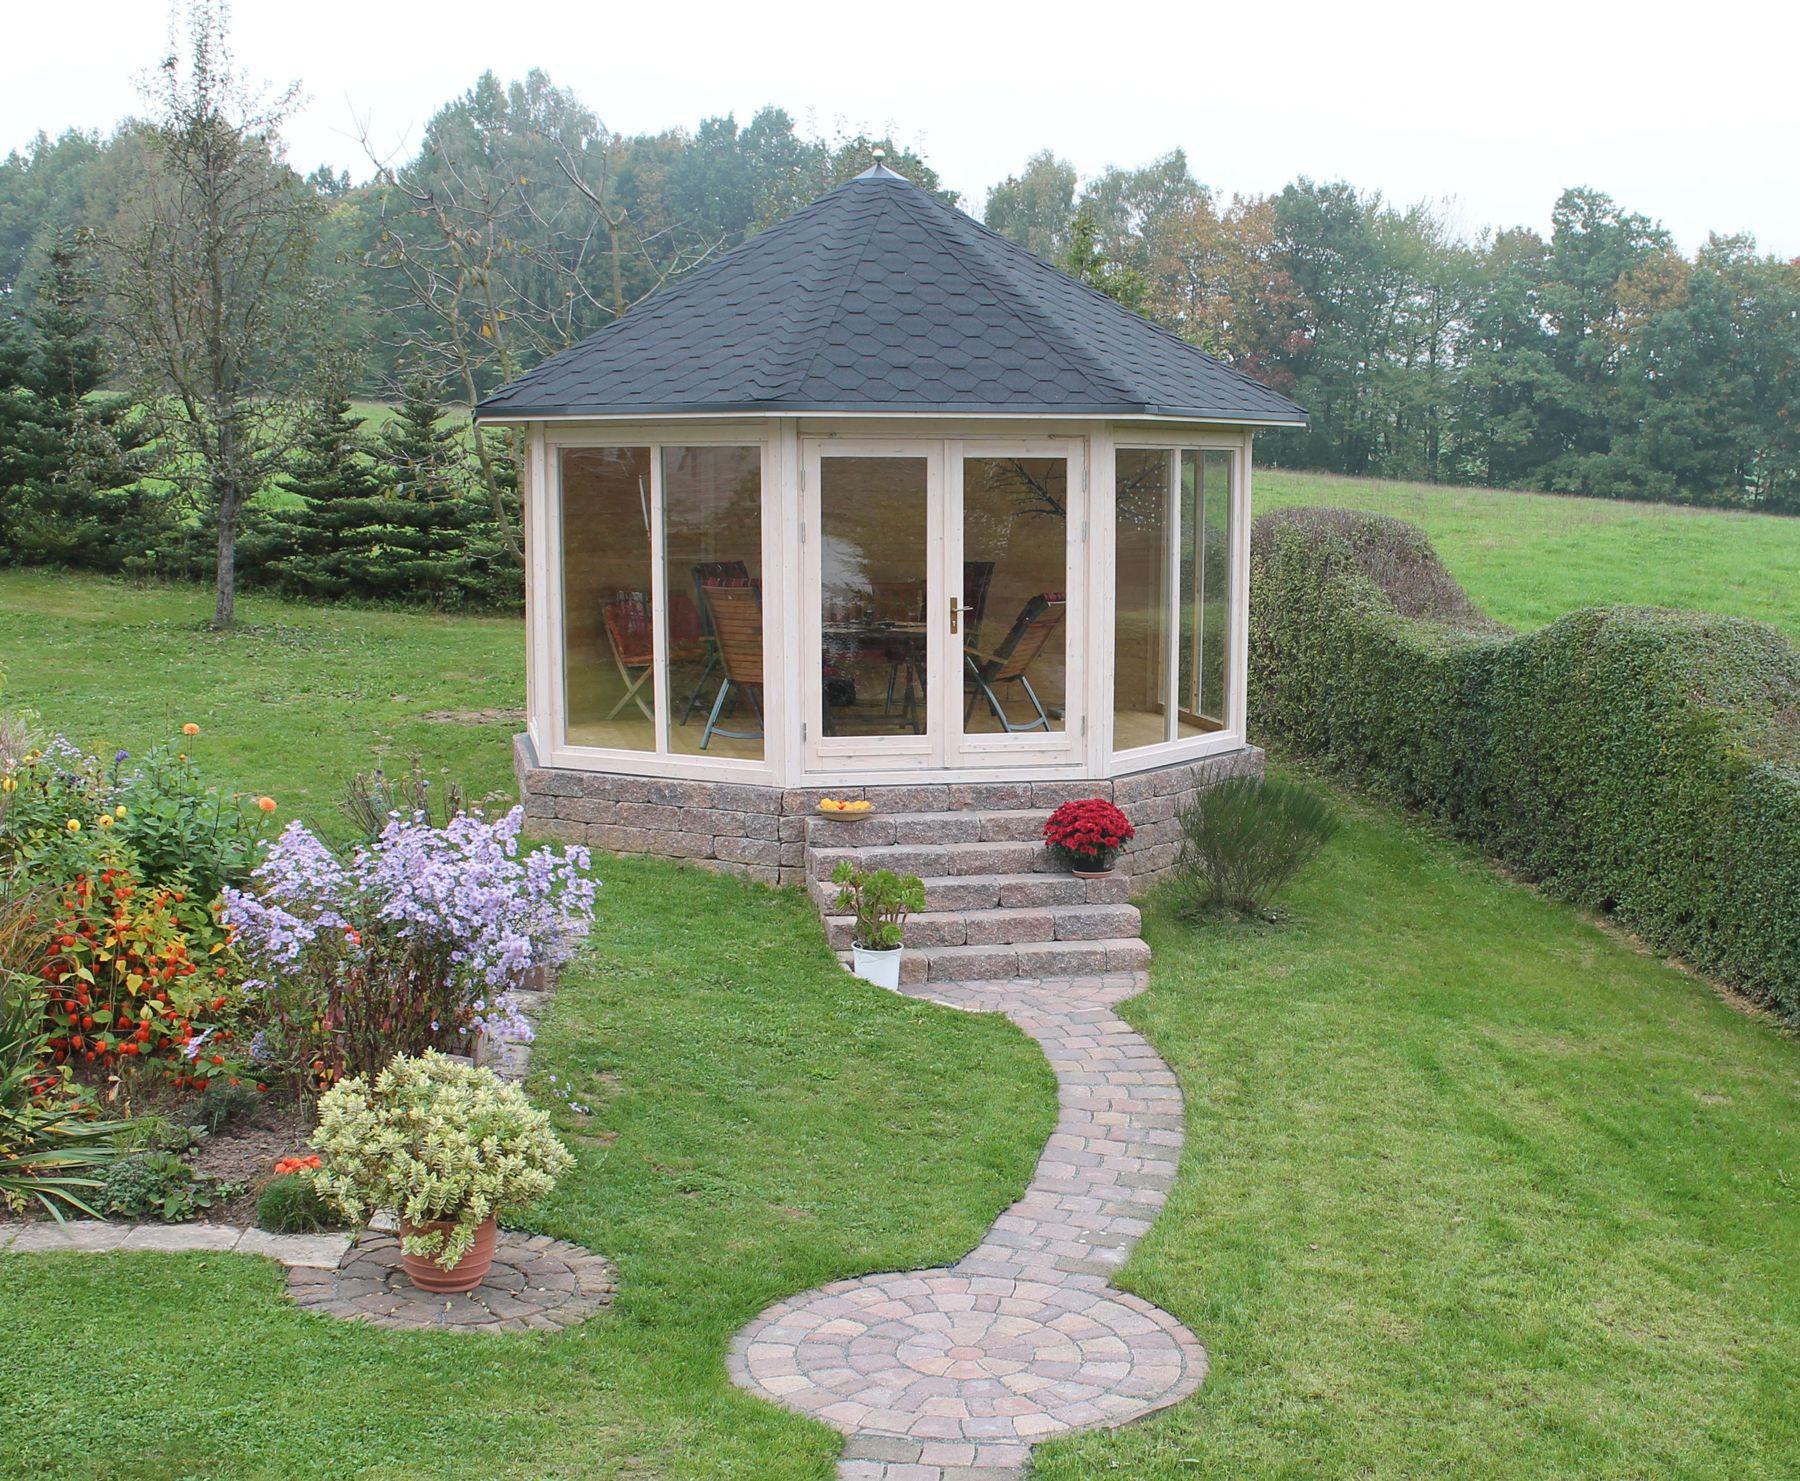 Perfect Gartenpavillon mit bodentiefen Fenstern auf einem gemauerten Fundament